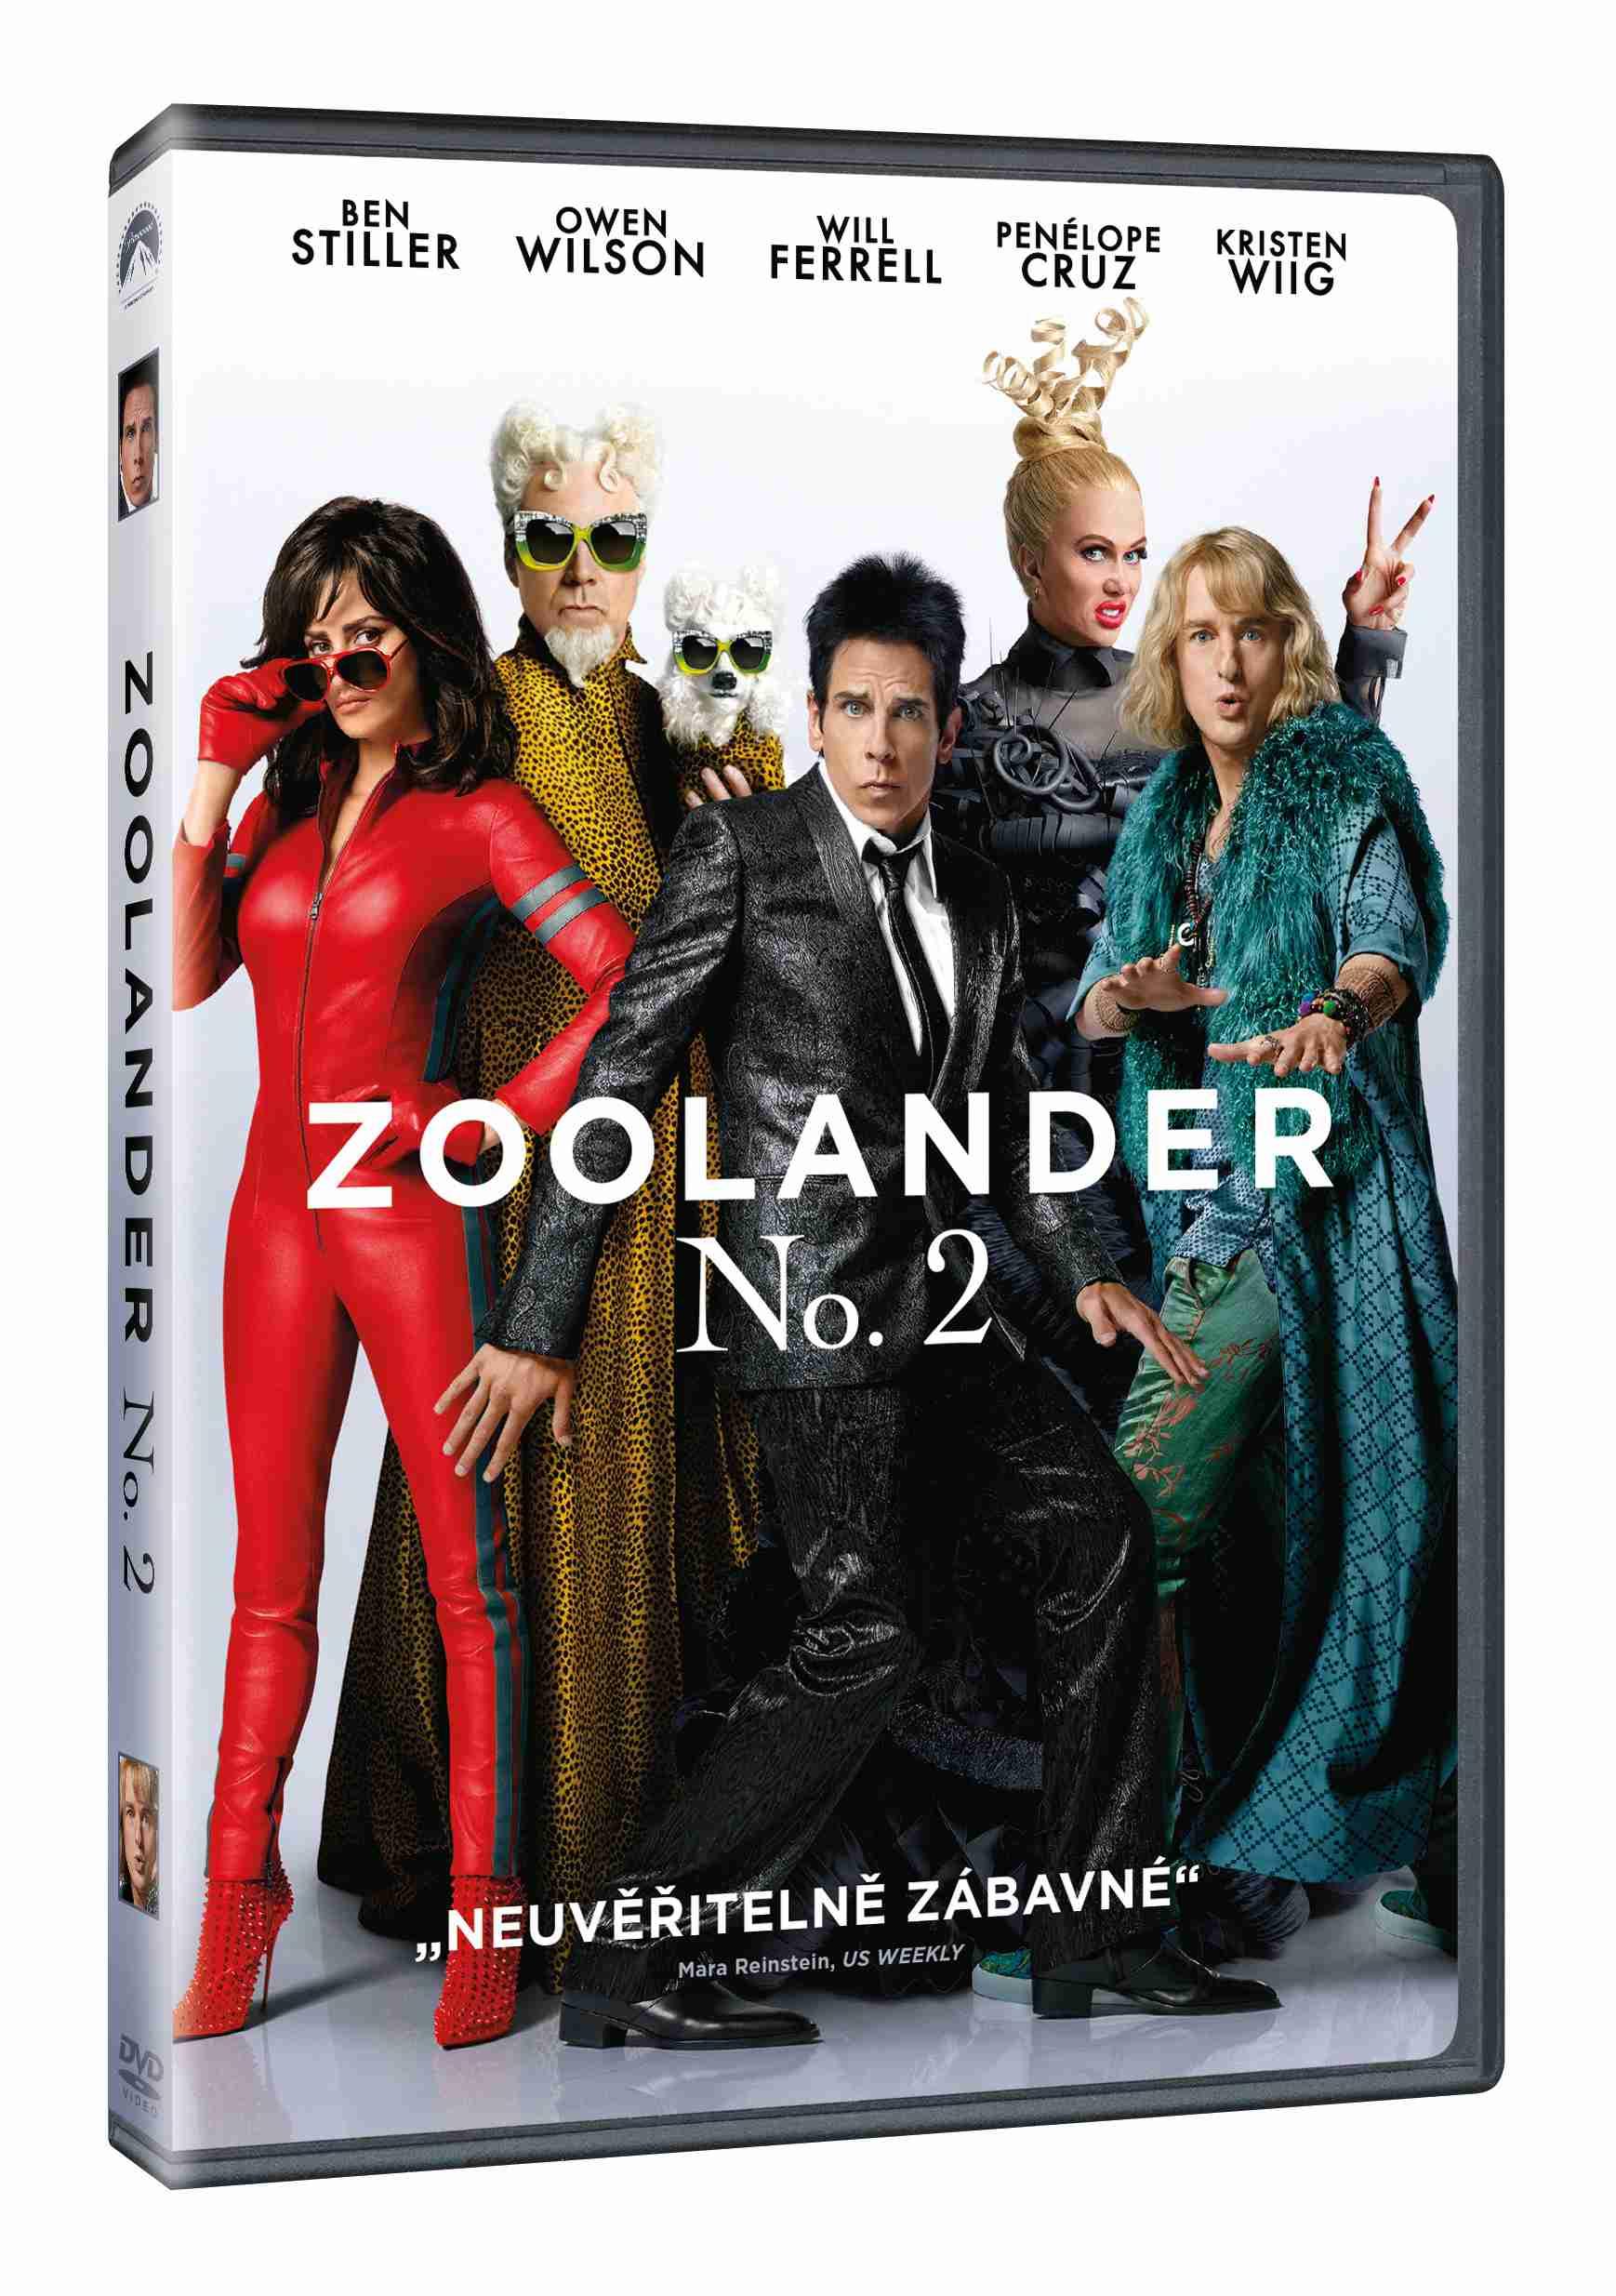 ZOOLANDER 2 - DVD